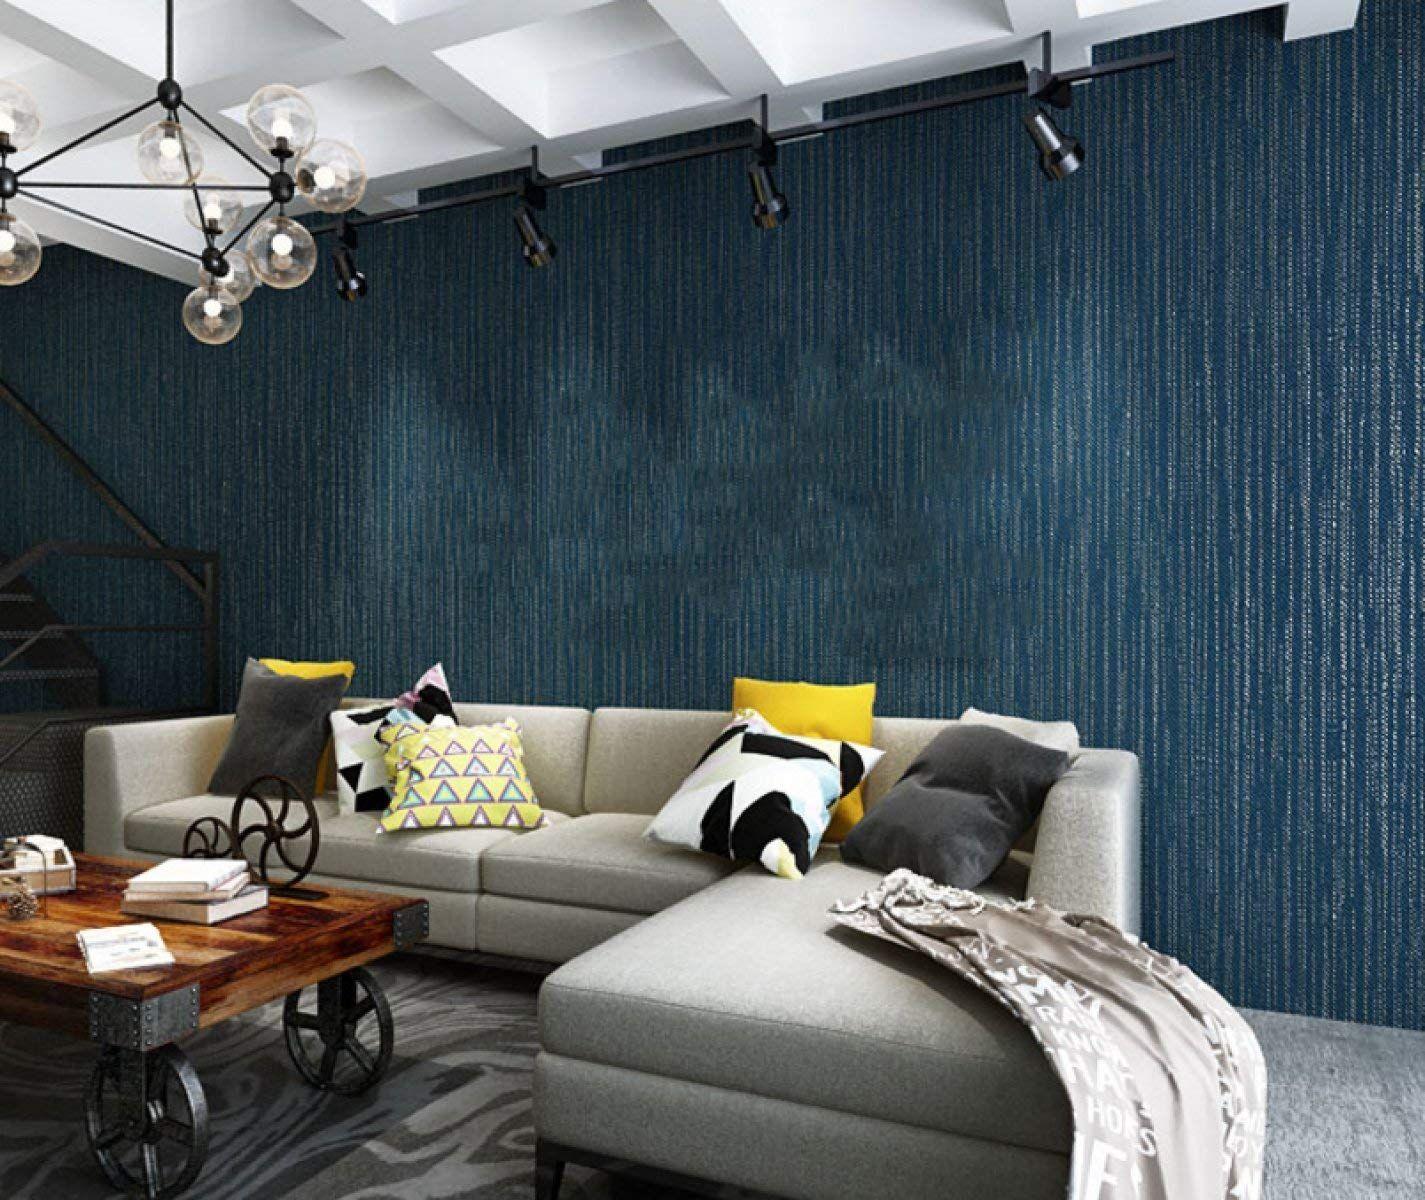 Home küche einfache design bilder modern fashion nonwoven schaum streifen tapete schlafzimmer